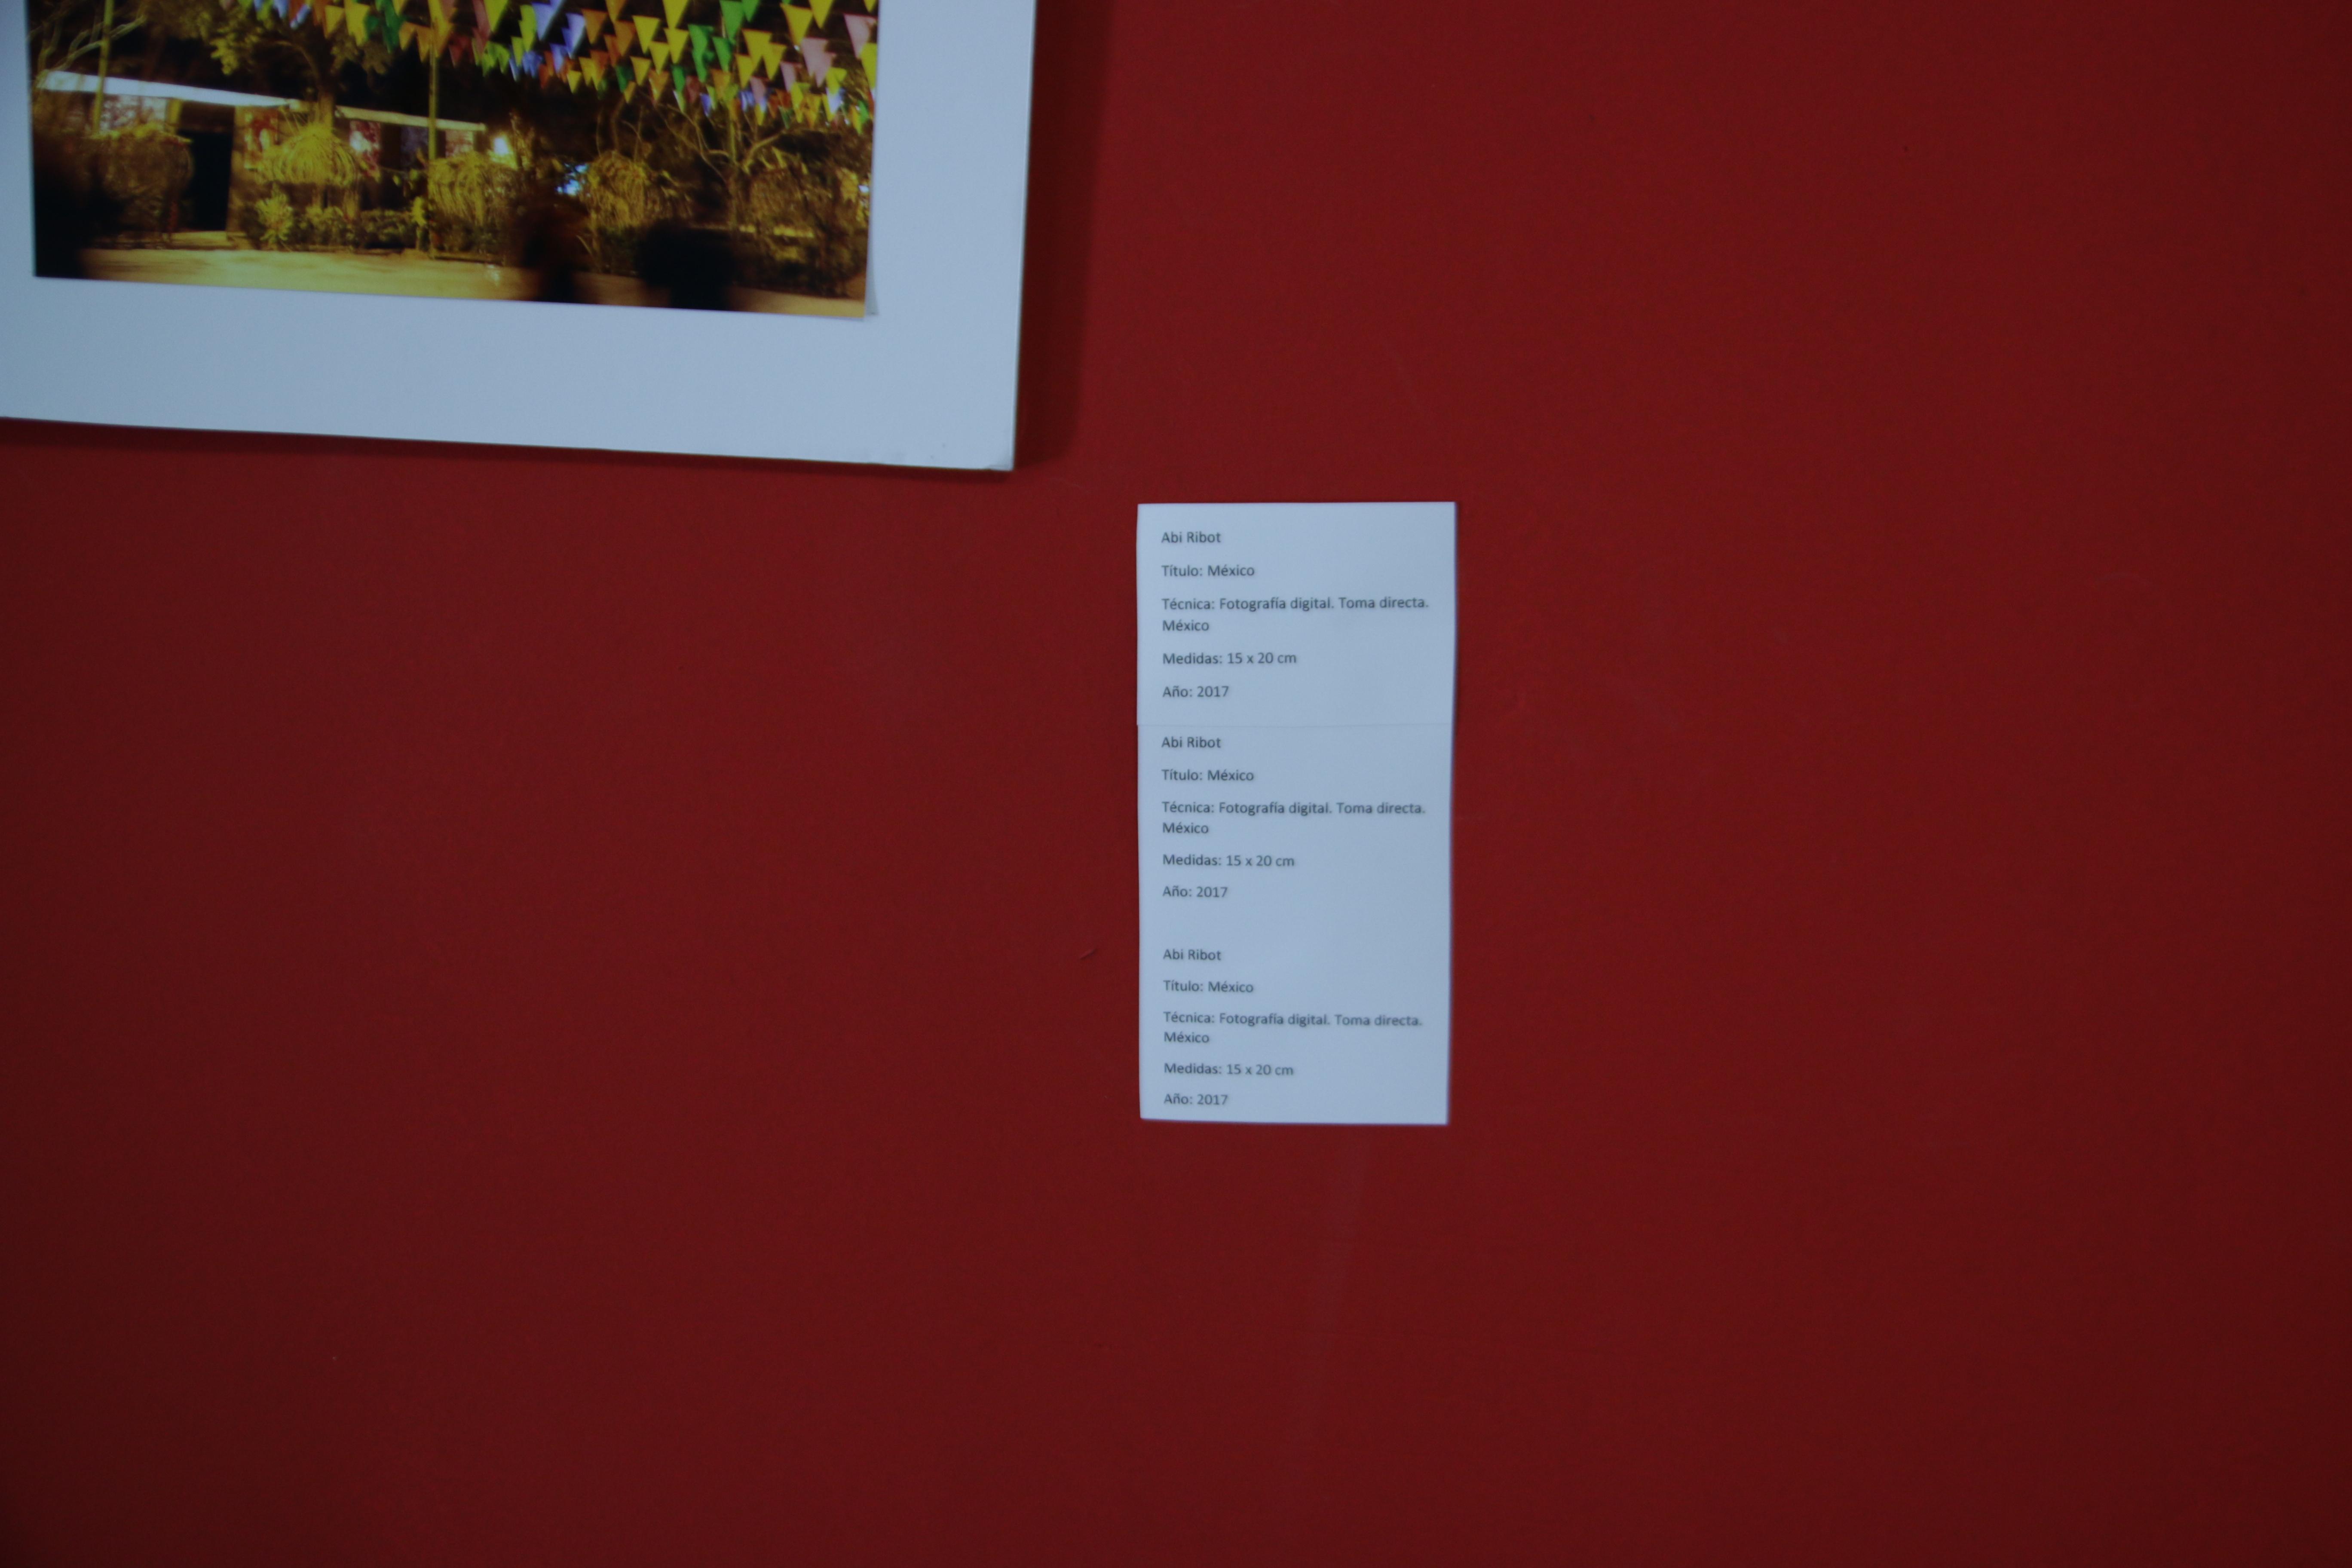 Foto muestra *6 - Del imaginario a Undav, primera muestra colectiva de artistas estudiantes